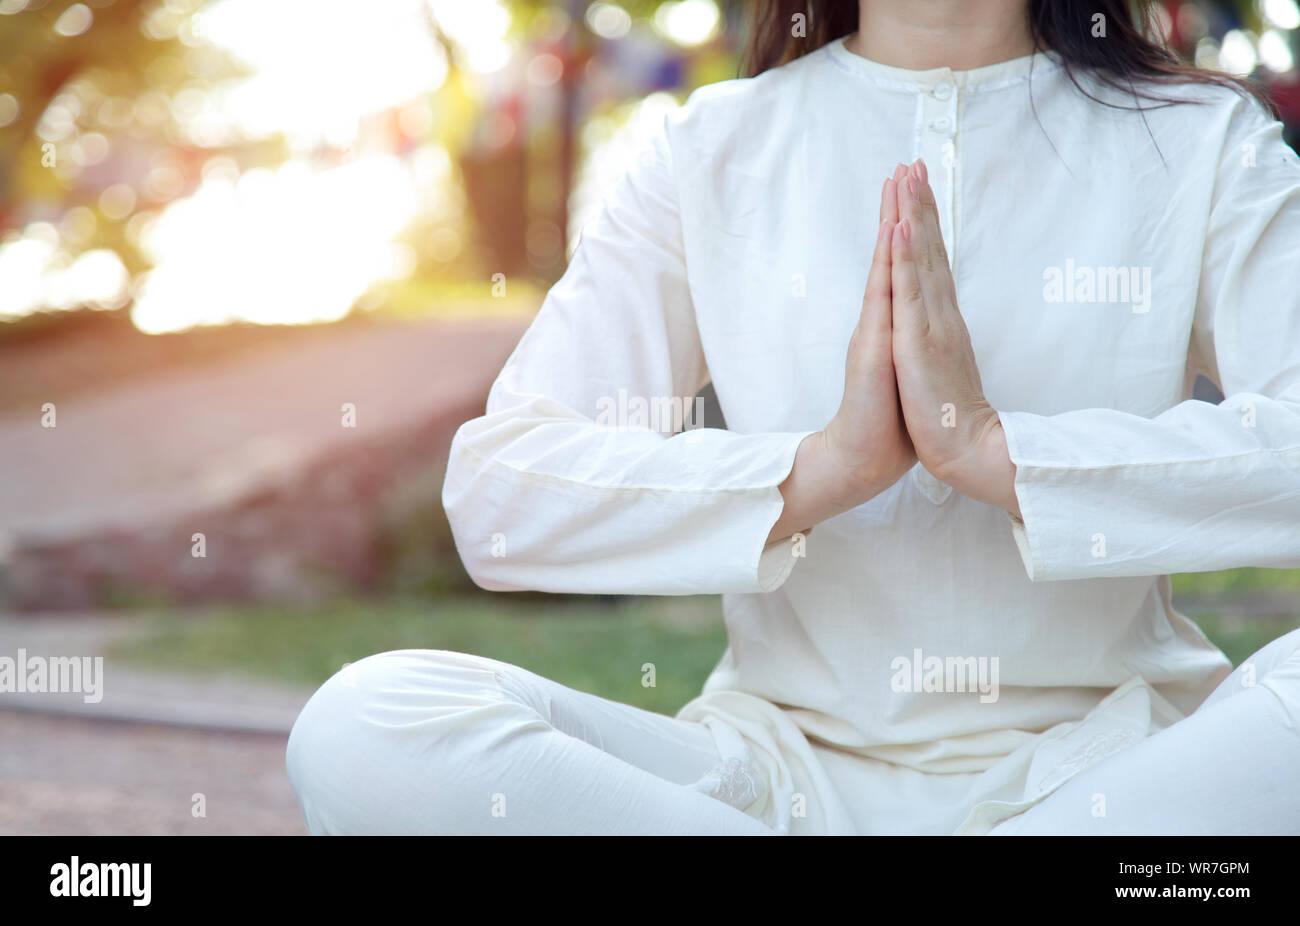 Nahaufnahme von Frau Hände in Namaste. Meditation auf dem Hintergrund der Tempel und der Natur. Yoga Klassen in einem Retreat Center. Stockfoto